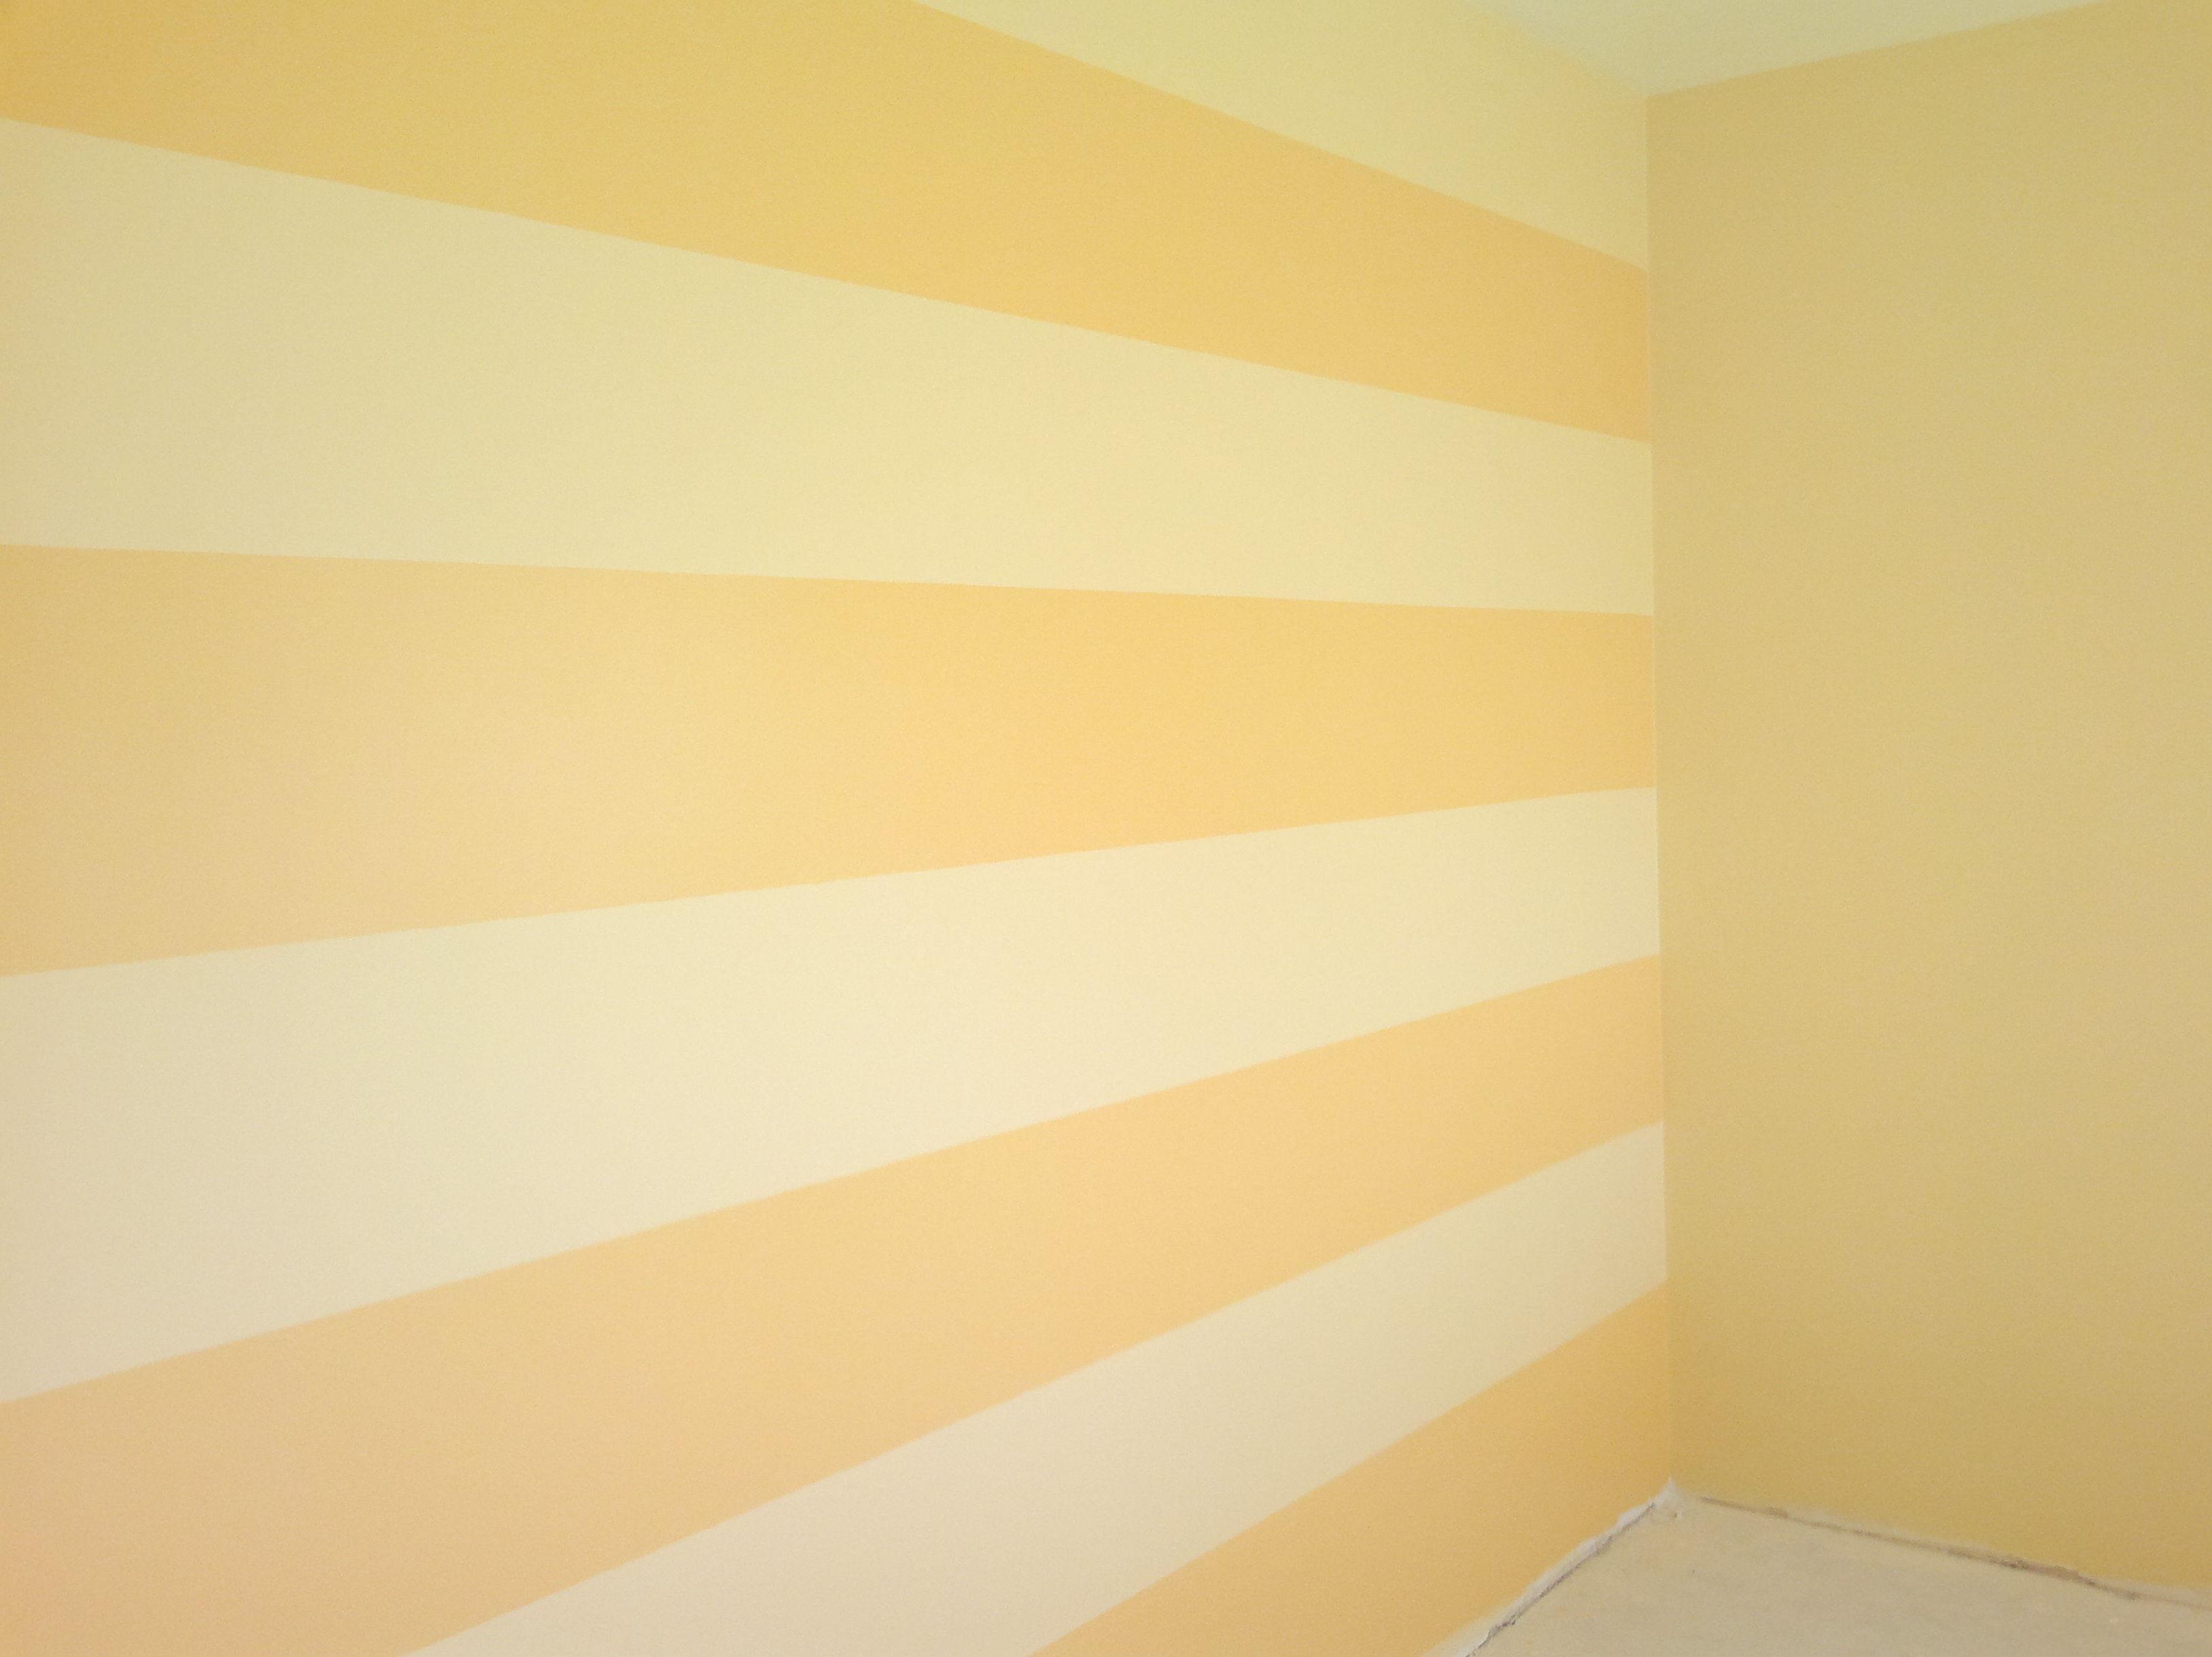 Trabajos de pintura y decoración de interiores